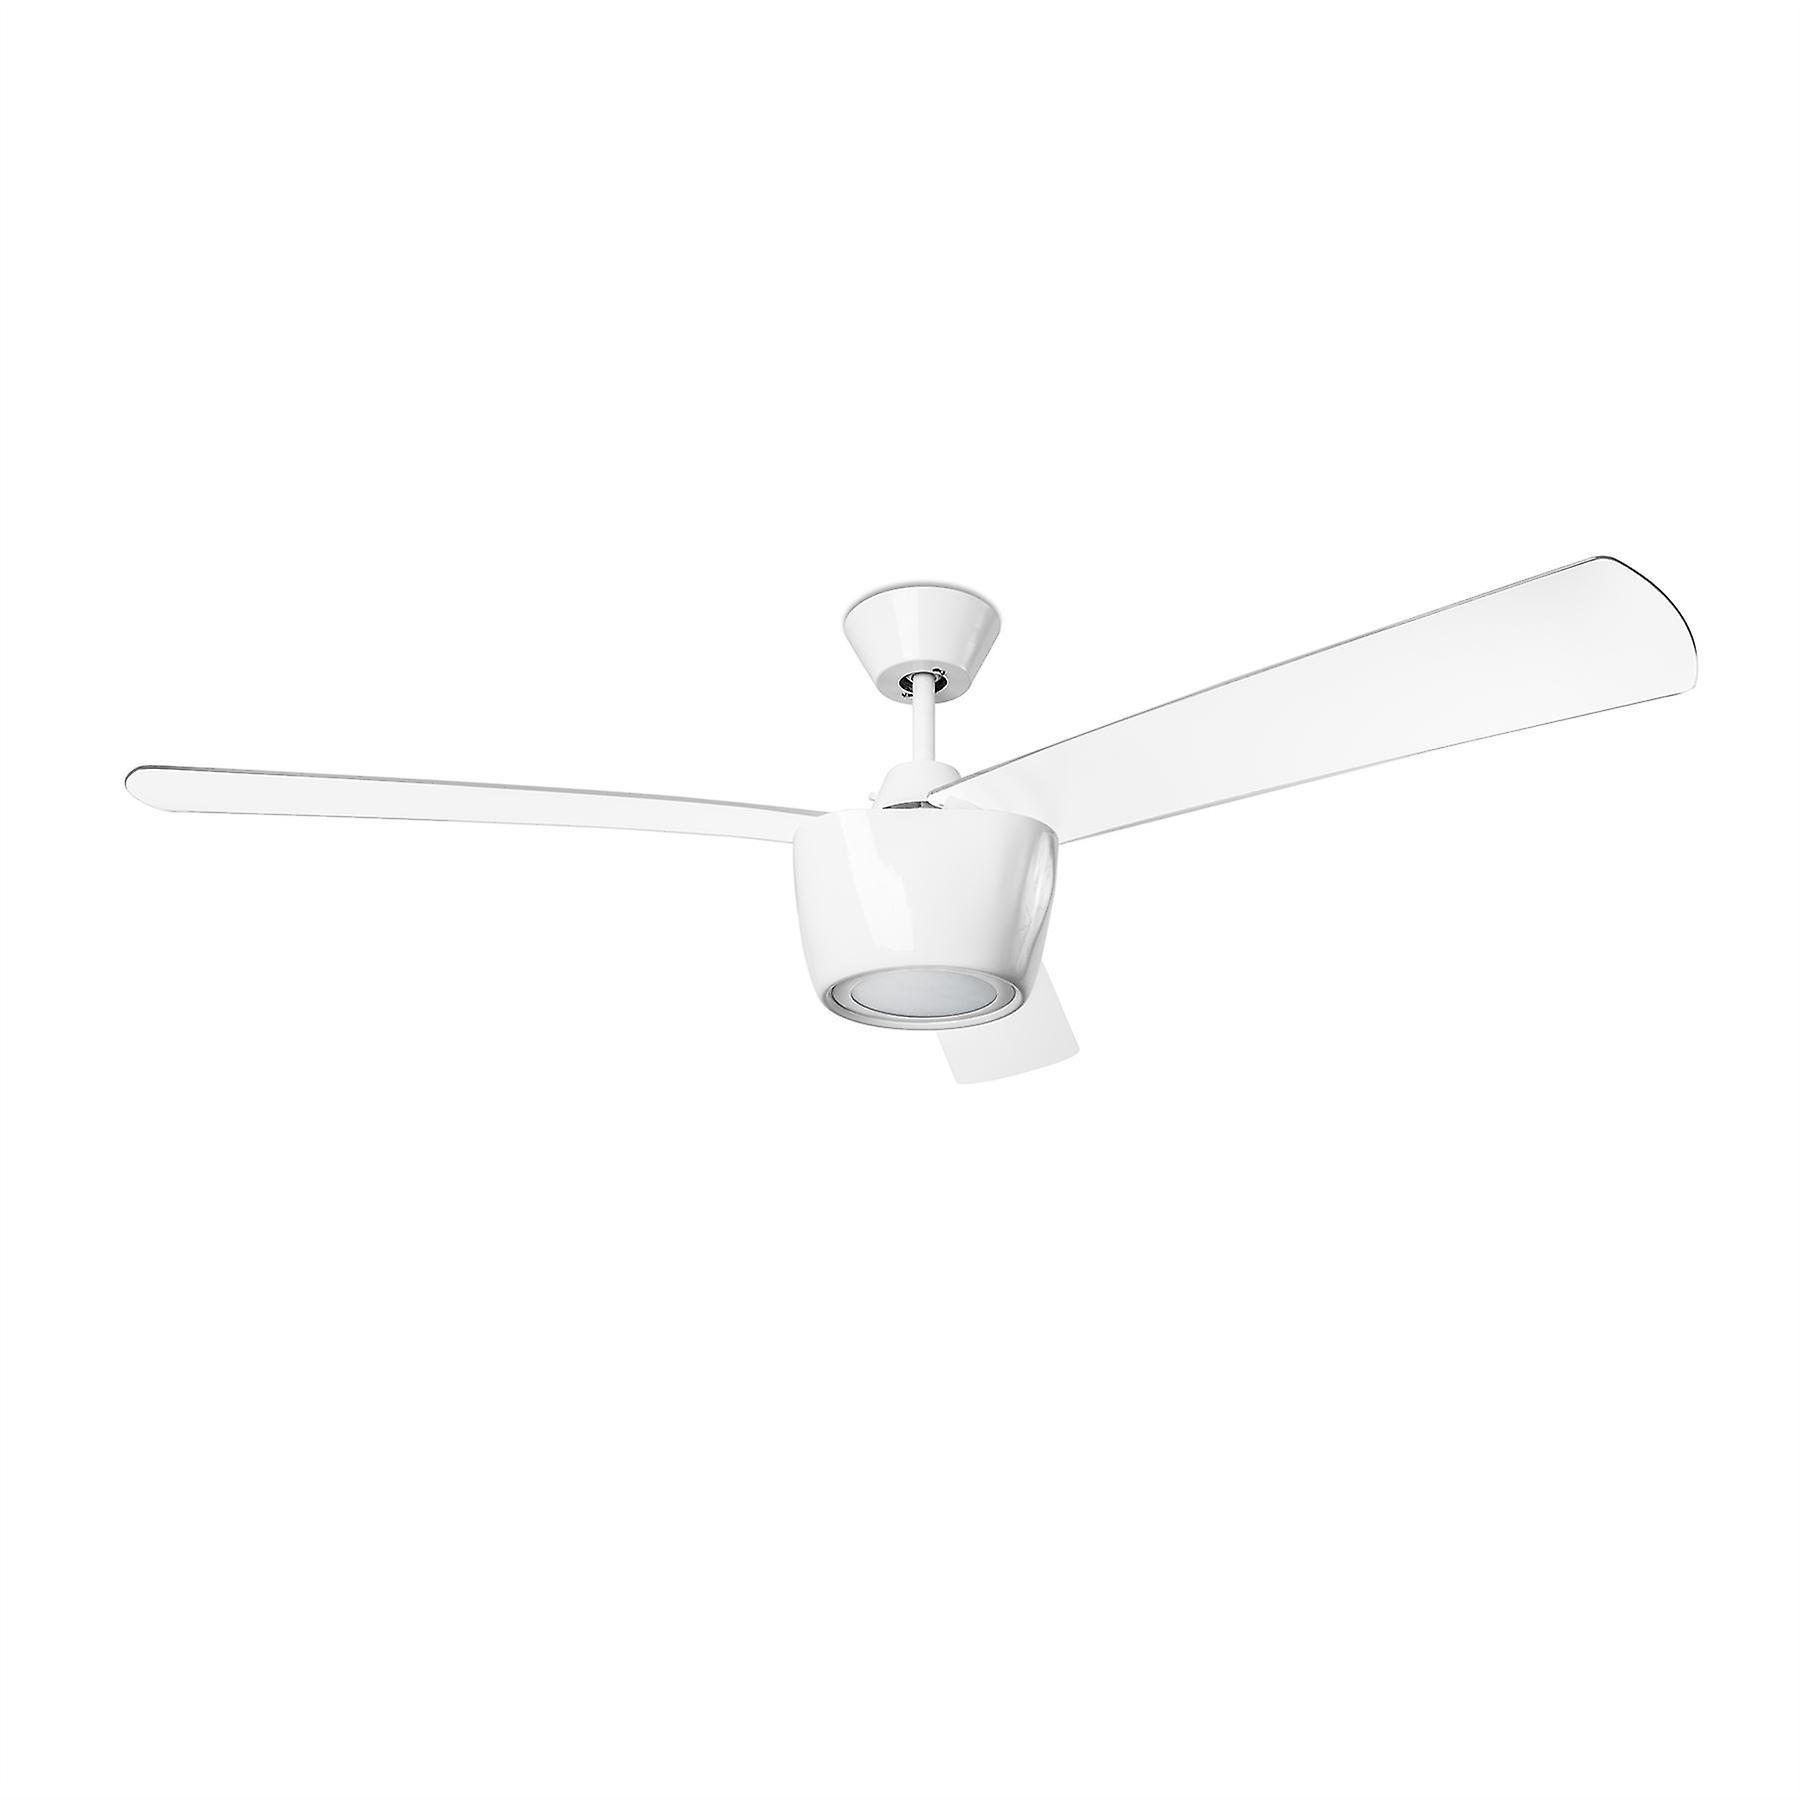 Ceos blanc Ceiling Fan & lumière Fixture - Leds-C4 30-3250-CF-M1